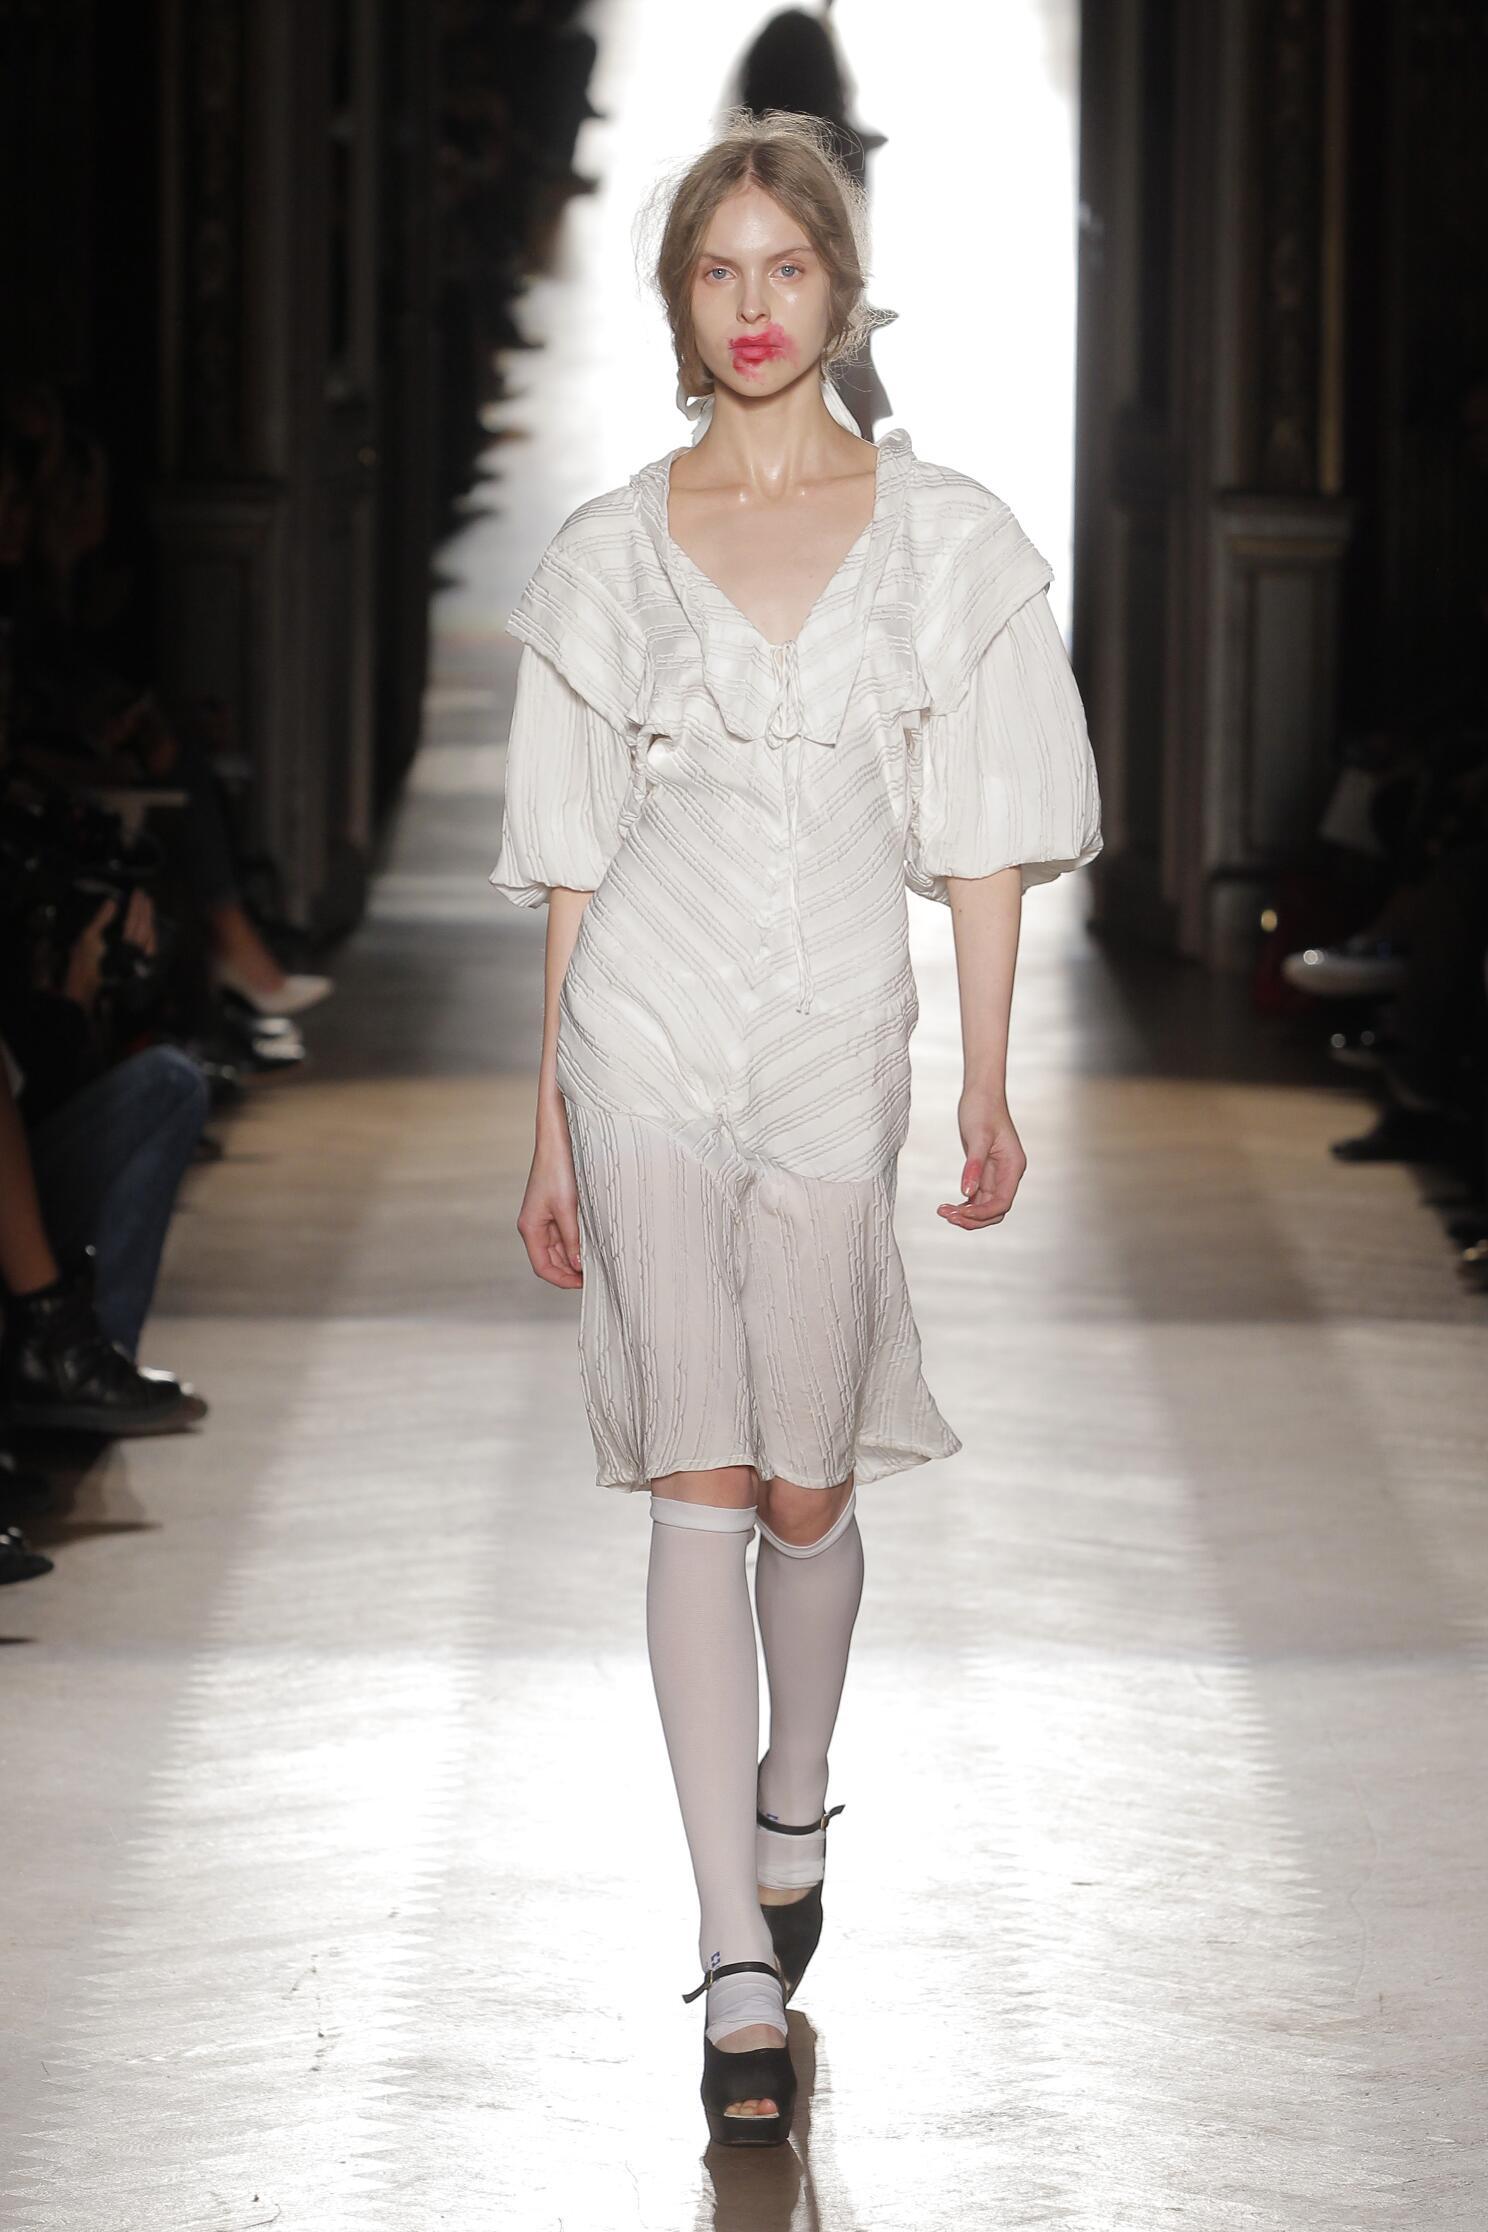 Spring Summer 2015 Fashion Model Vivienne Westwood Gold Label